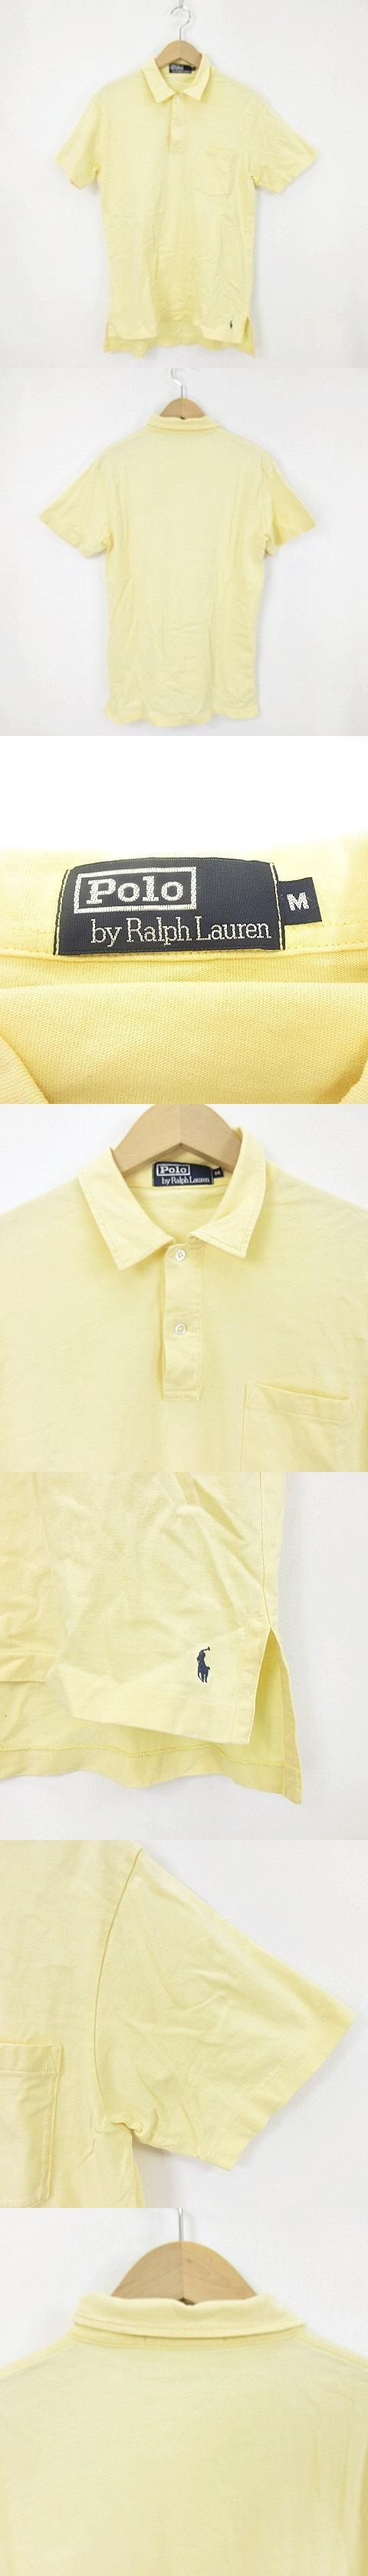 ポロシャツ カットソー 半袖 黄色 イエロー M トップス O-190131